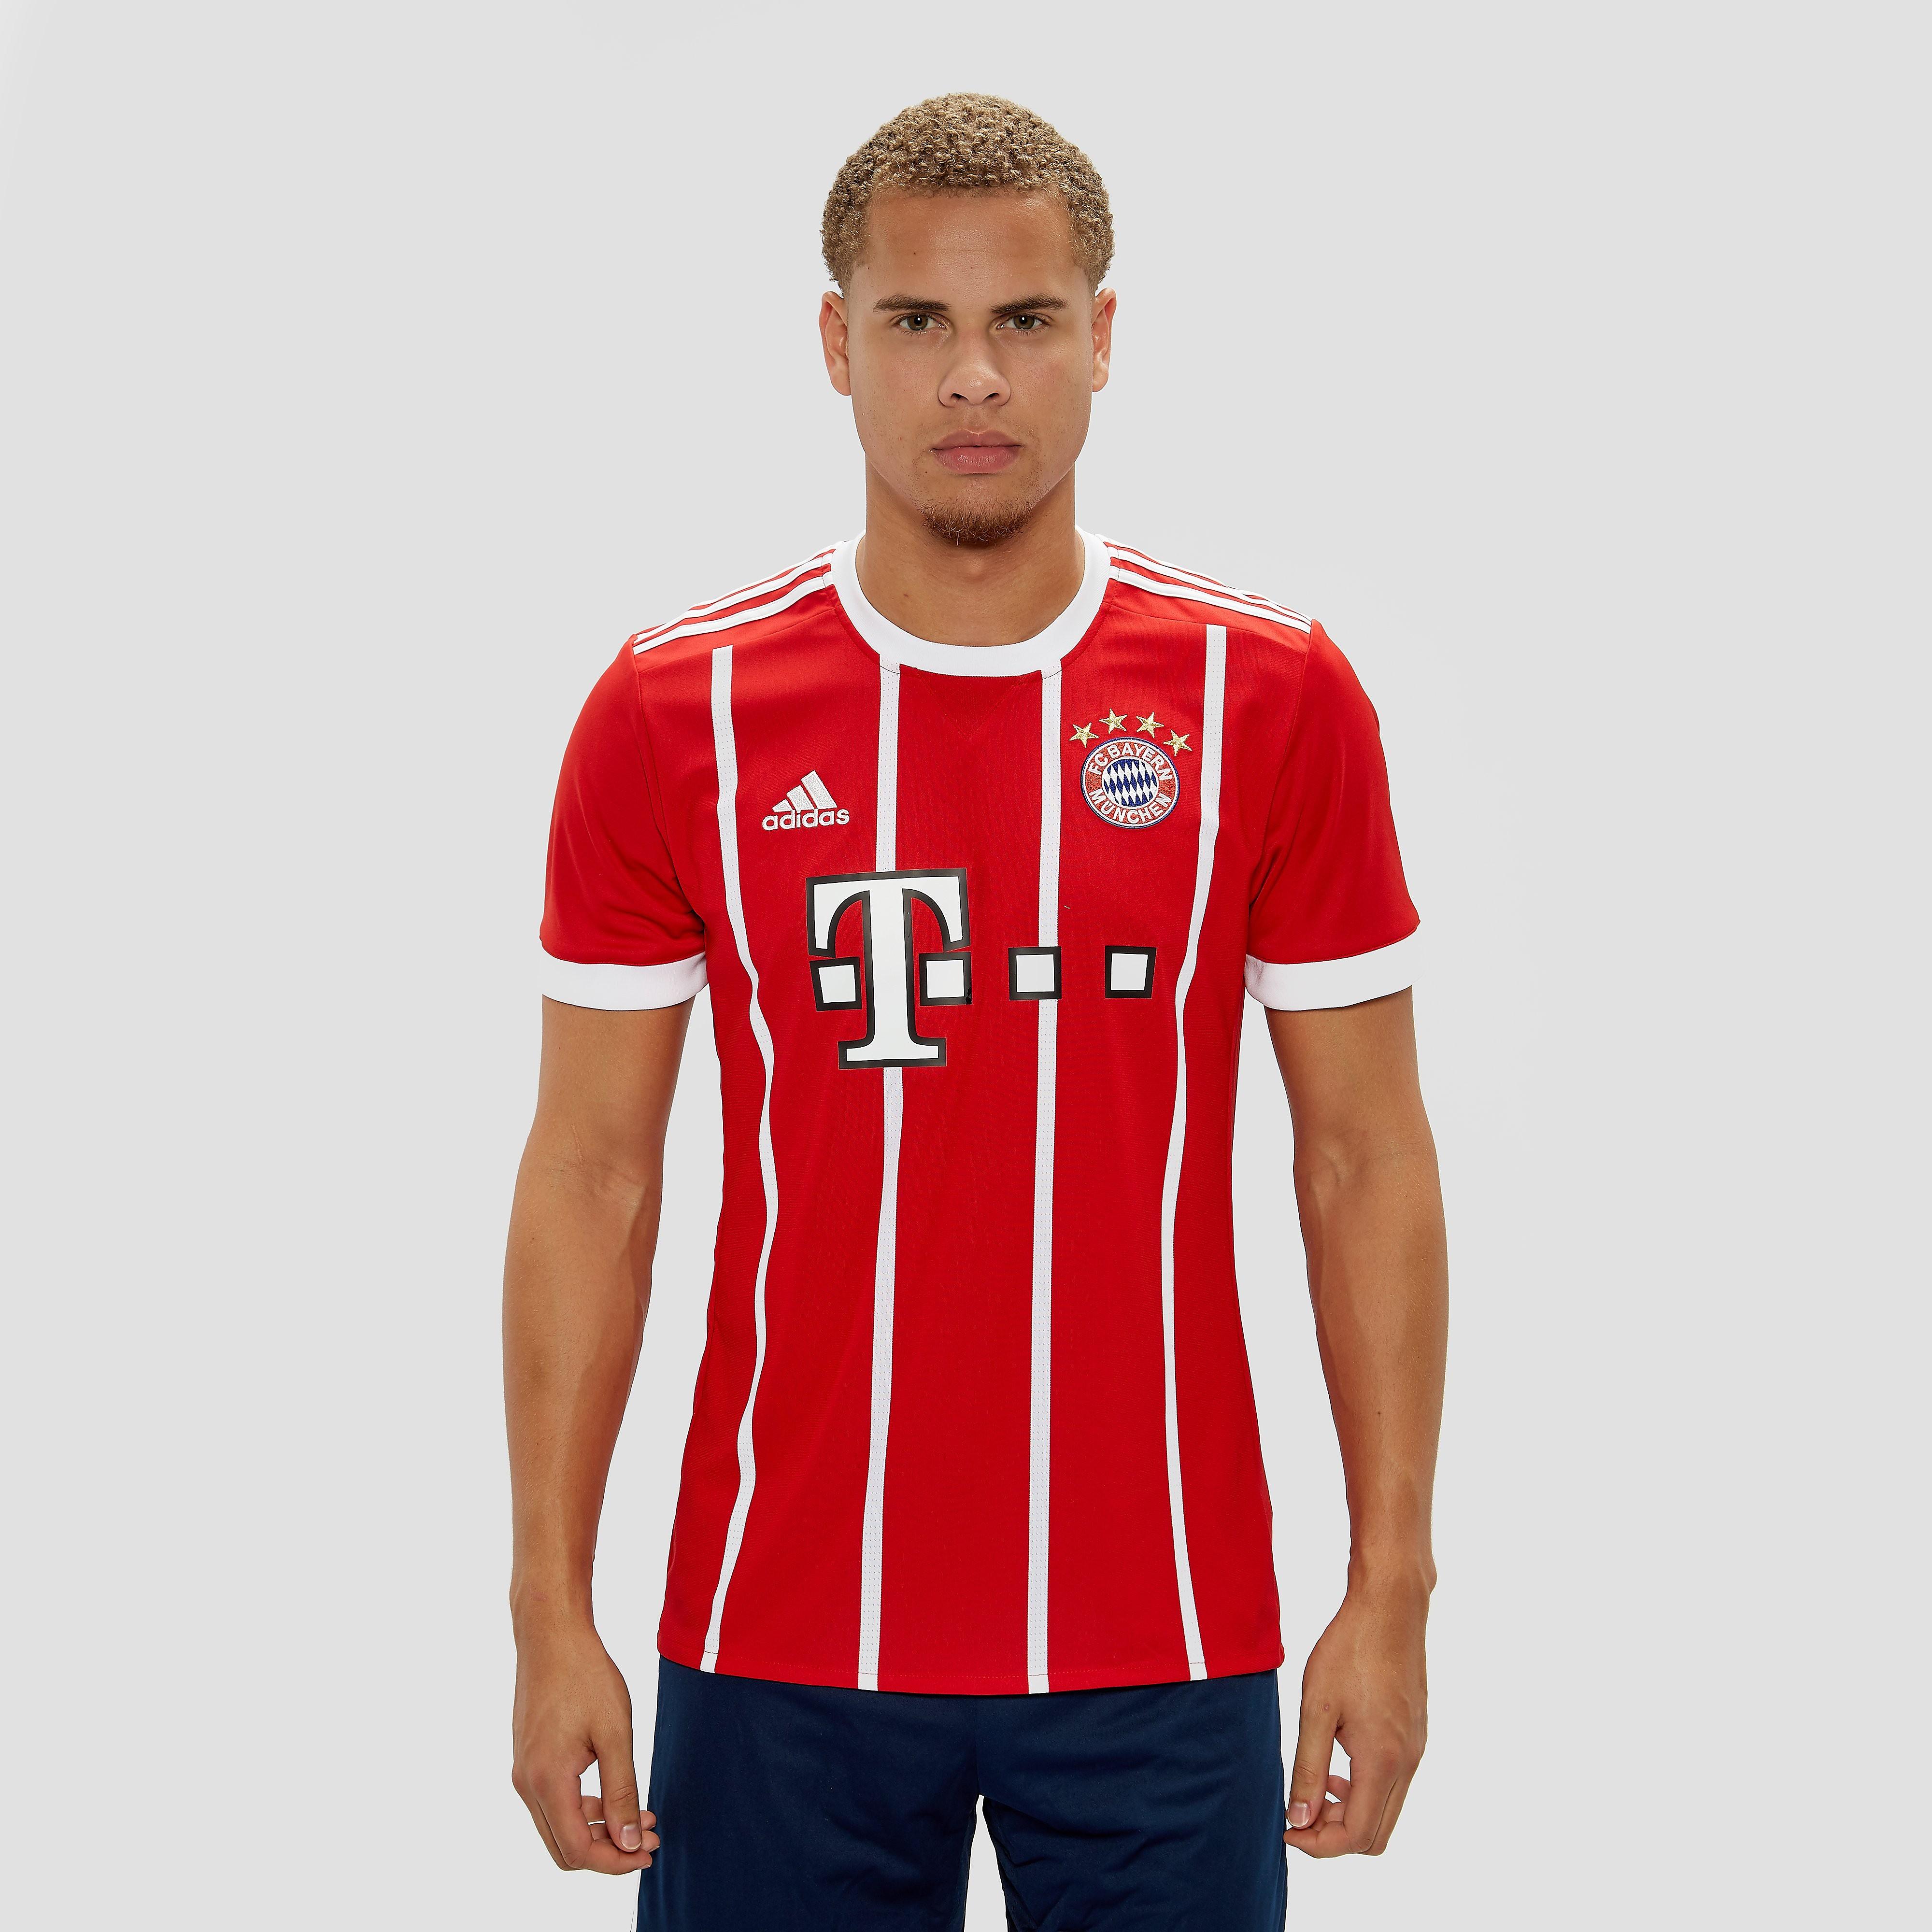 ADIDAS FC BAYERN MÜNCHEN THUISSHIRT ROOD/WIT HEREN